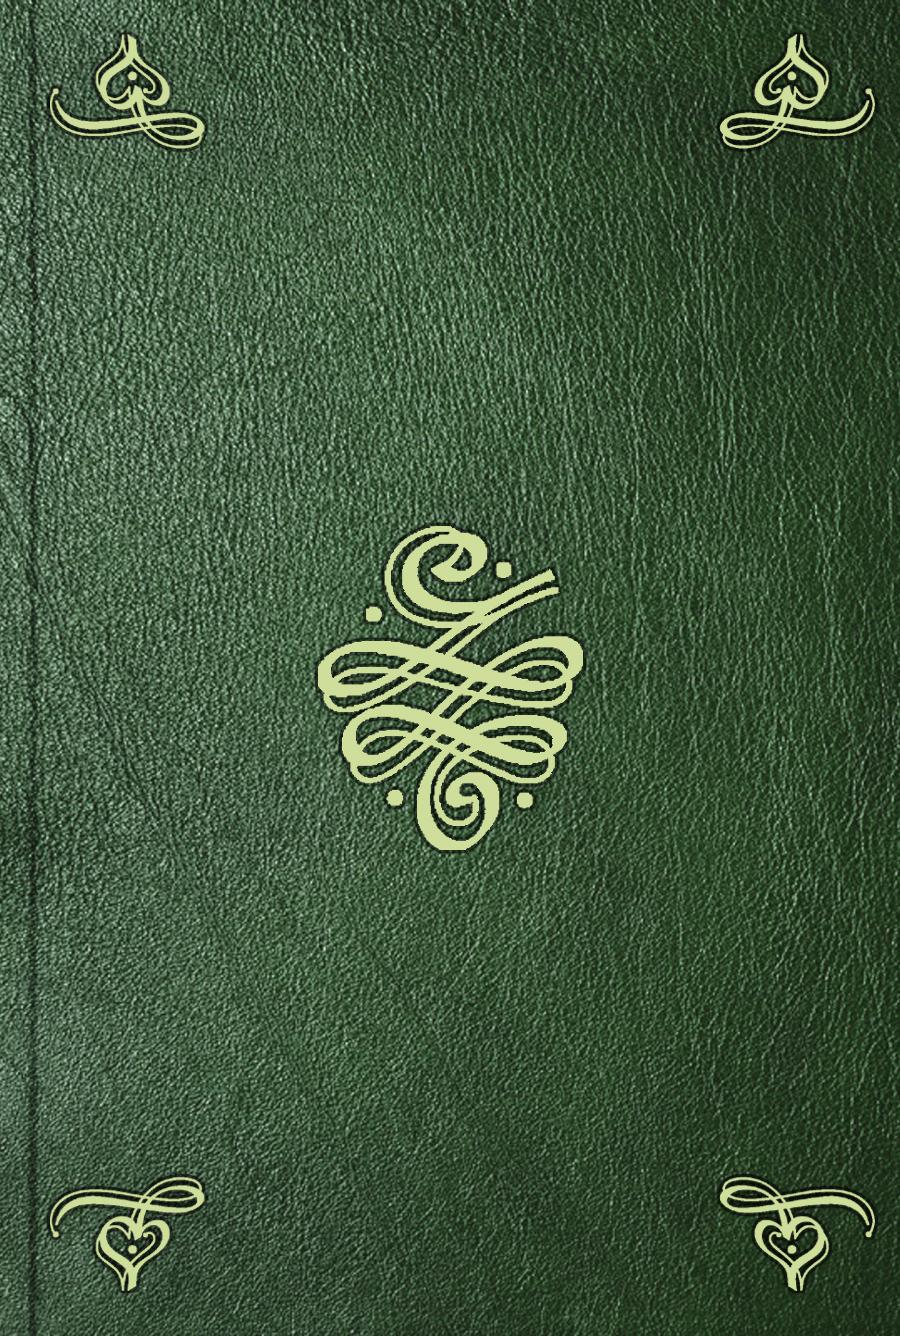 Friedrich Heinrich Jacobi Friedrich Heinrich Jacobi's Auserlesener Briefwechsel. Bd. 1 heinrich heine deutschland ein wintermärchen